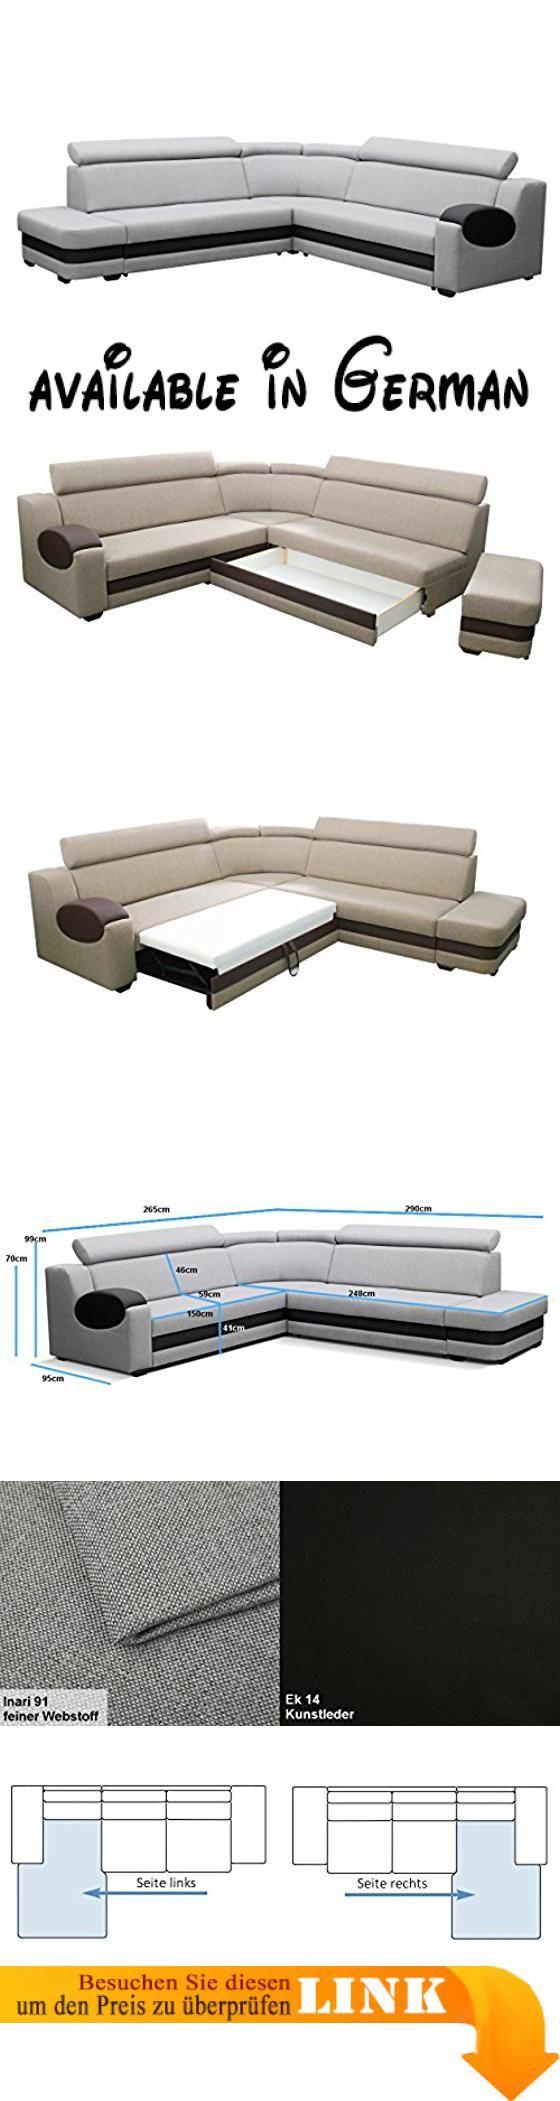 B06xrj3k4t Grosse Ecksofa Sofa Eckcouch Couch Mit Schlaffunktion